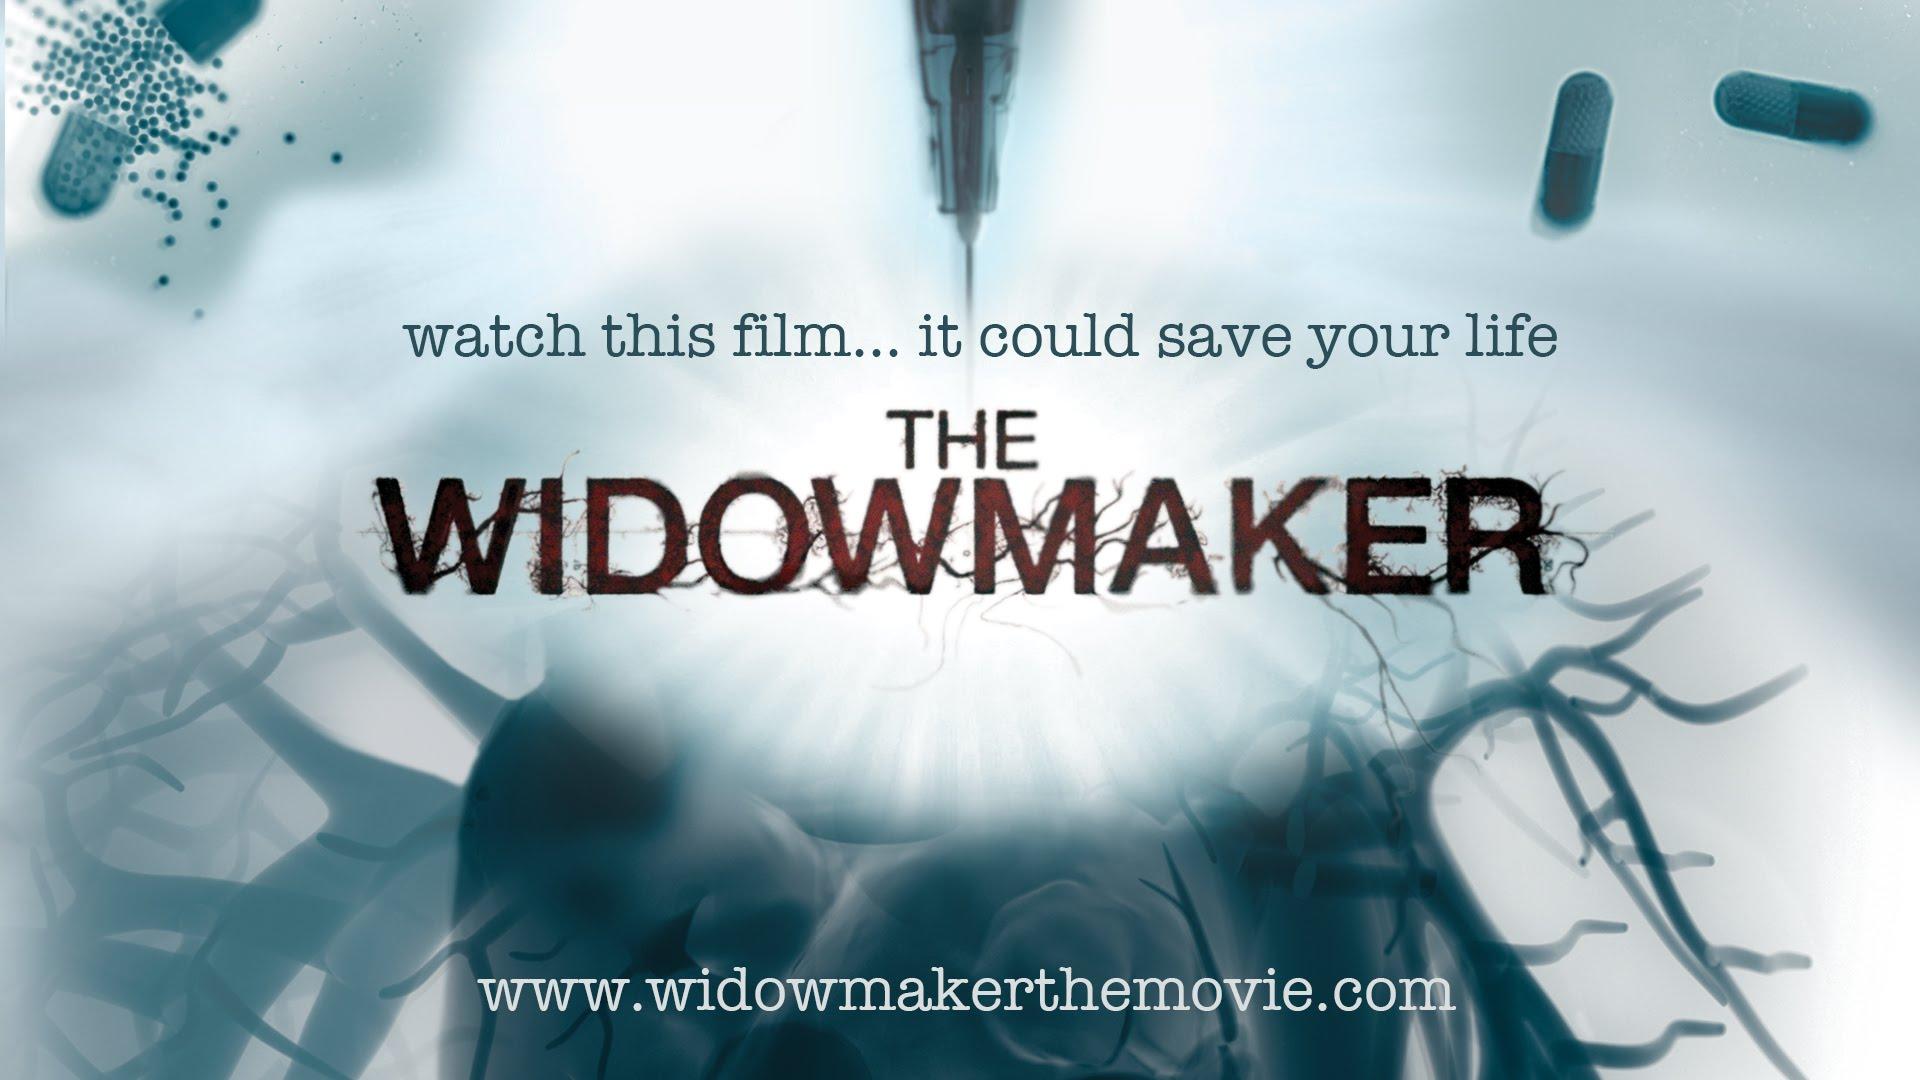 thewidowmaker